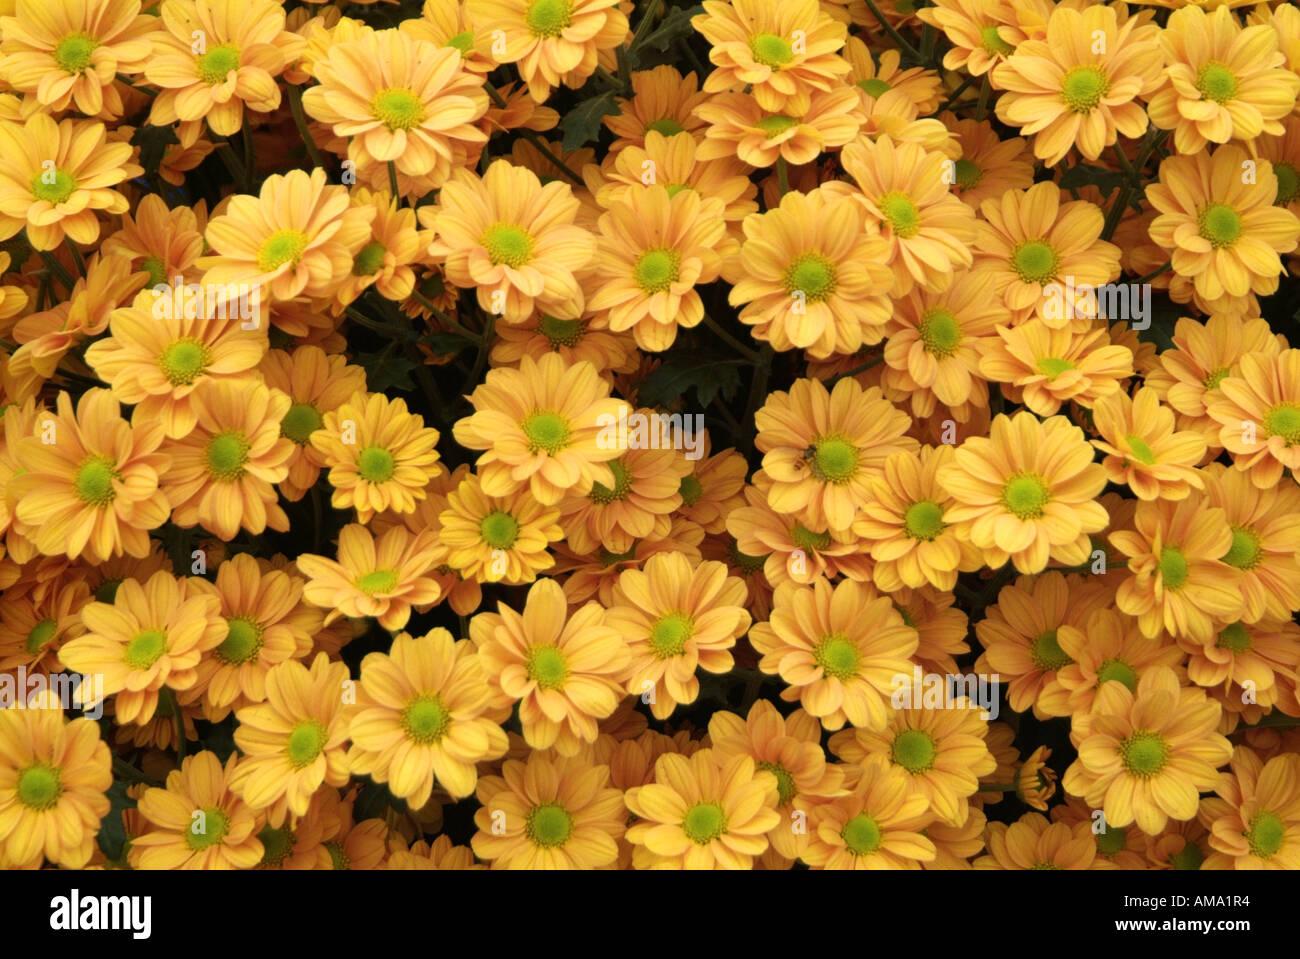 Chrysanthème pulvérisation genre frontière fleur jardin variété chef bud l'ambre jaune Banque D'Images